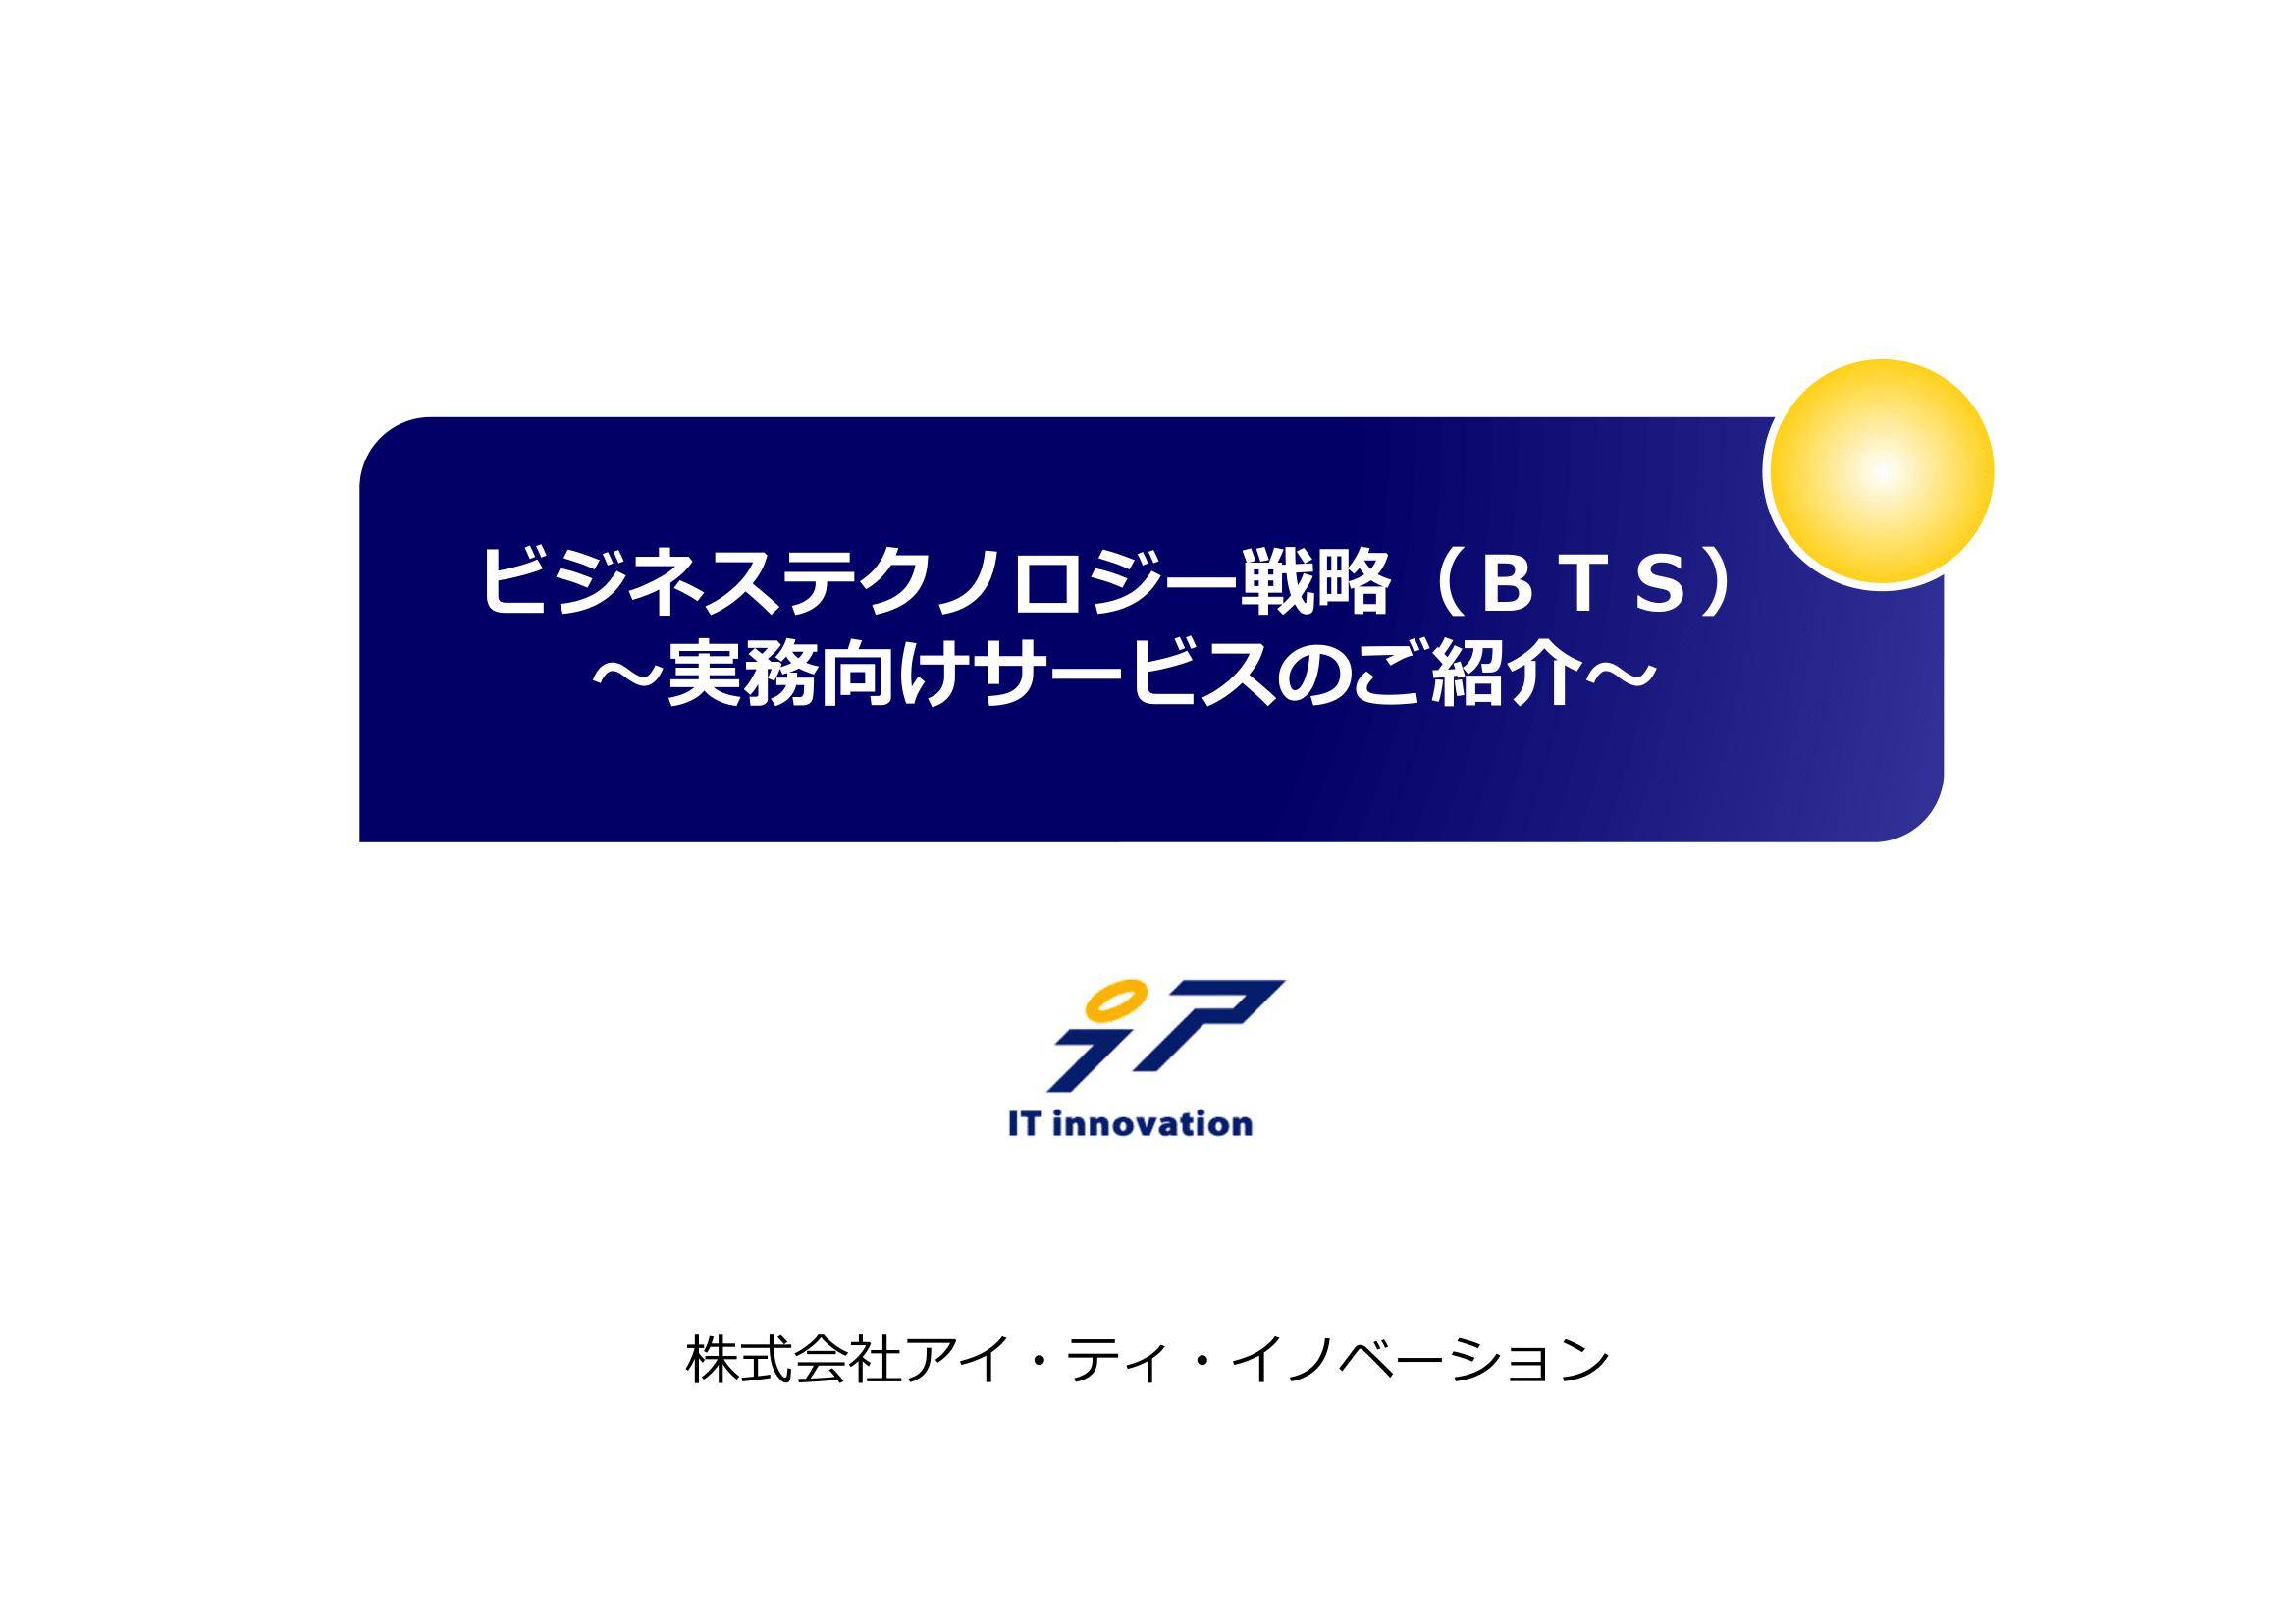 ビジネステクノロジー戦略サービス(BTS)